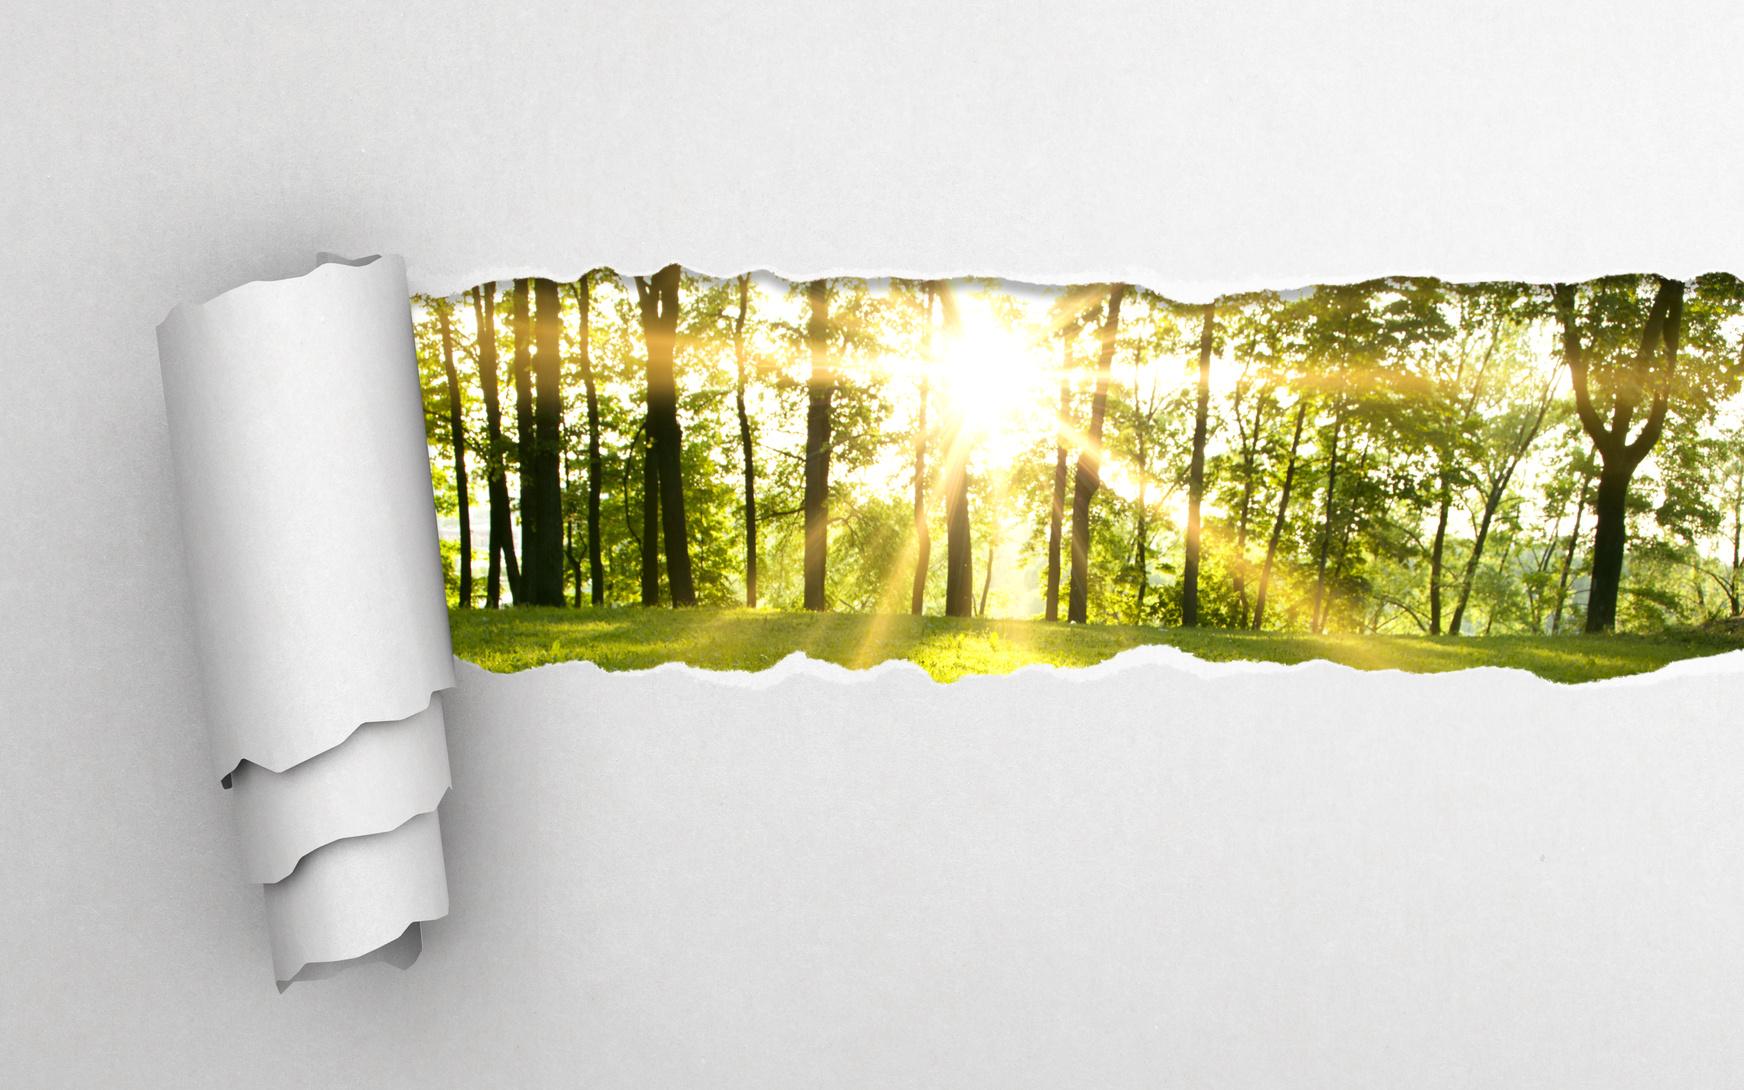 Wald und Papier: Nachhaltiger Papierkonsum